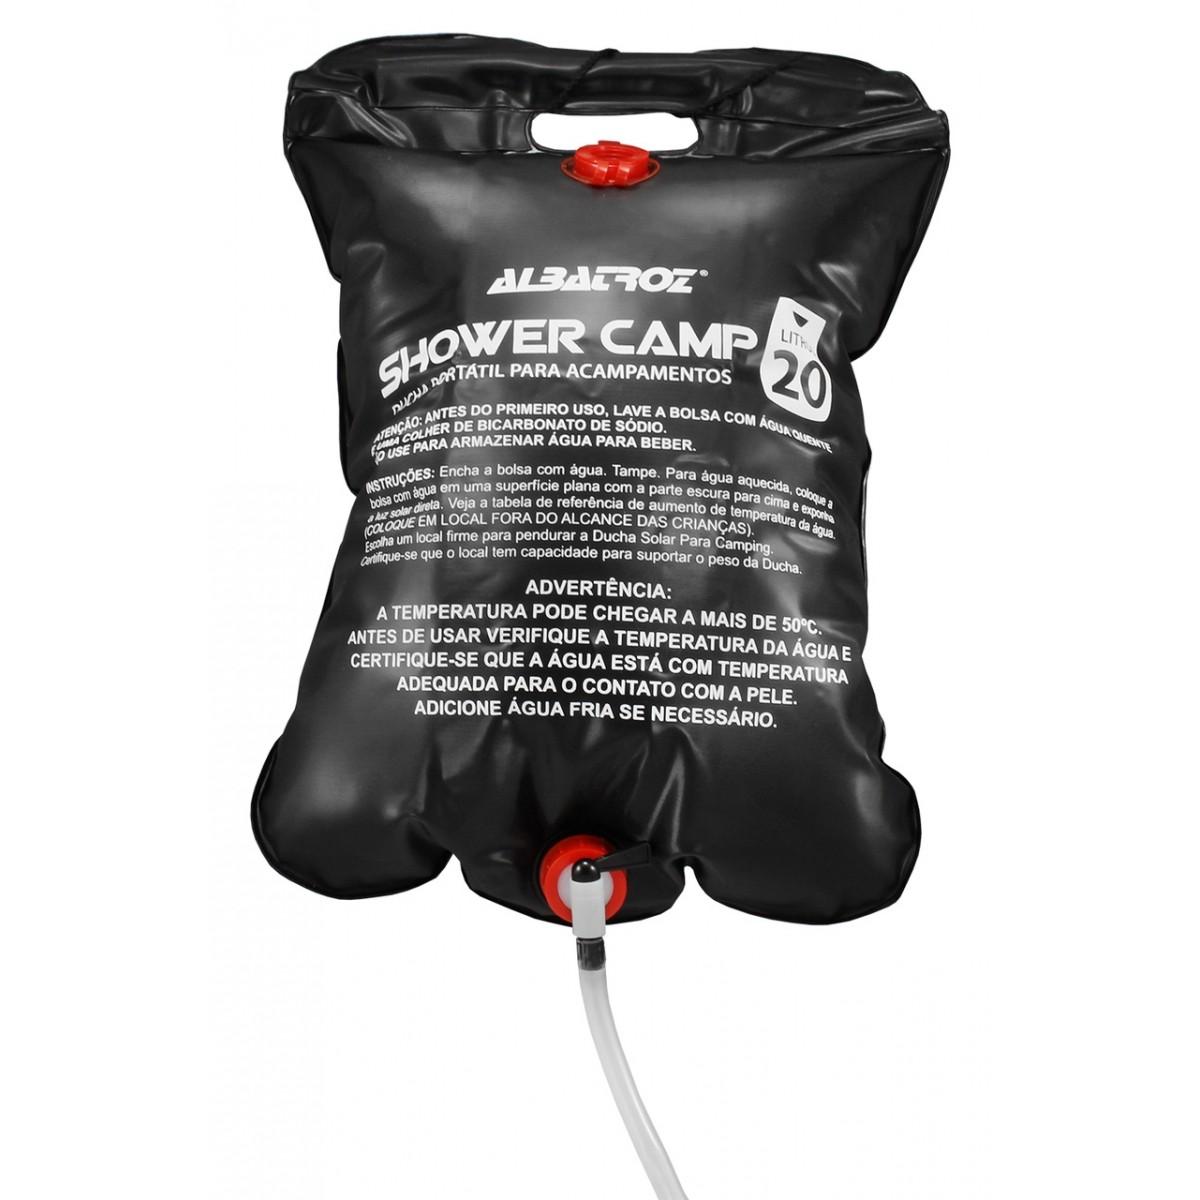 Bolsa Shower Chuveiro para Camping Albatroz  - Comprando & Pescando